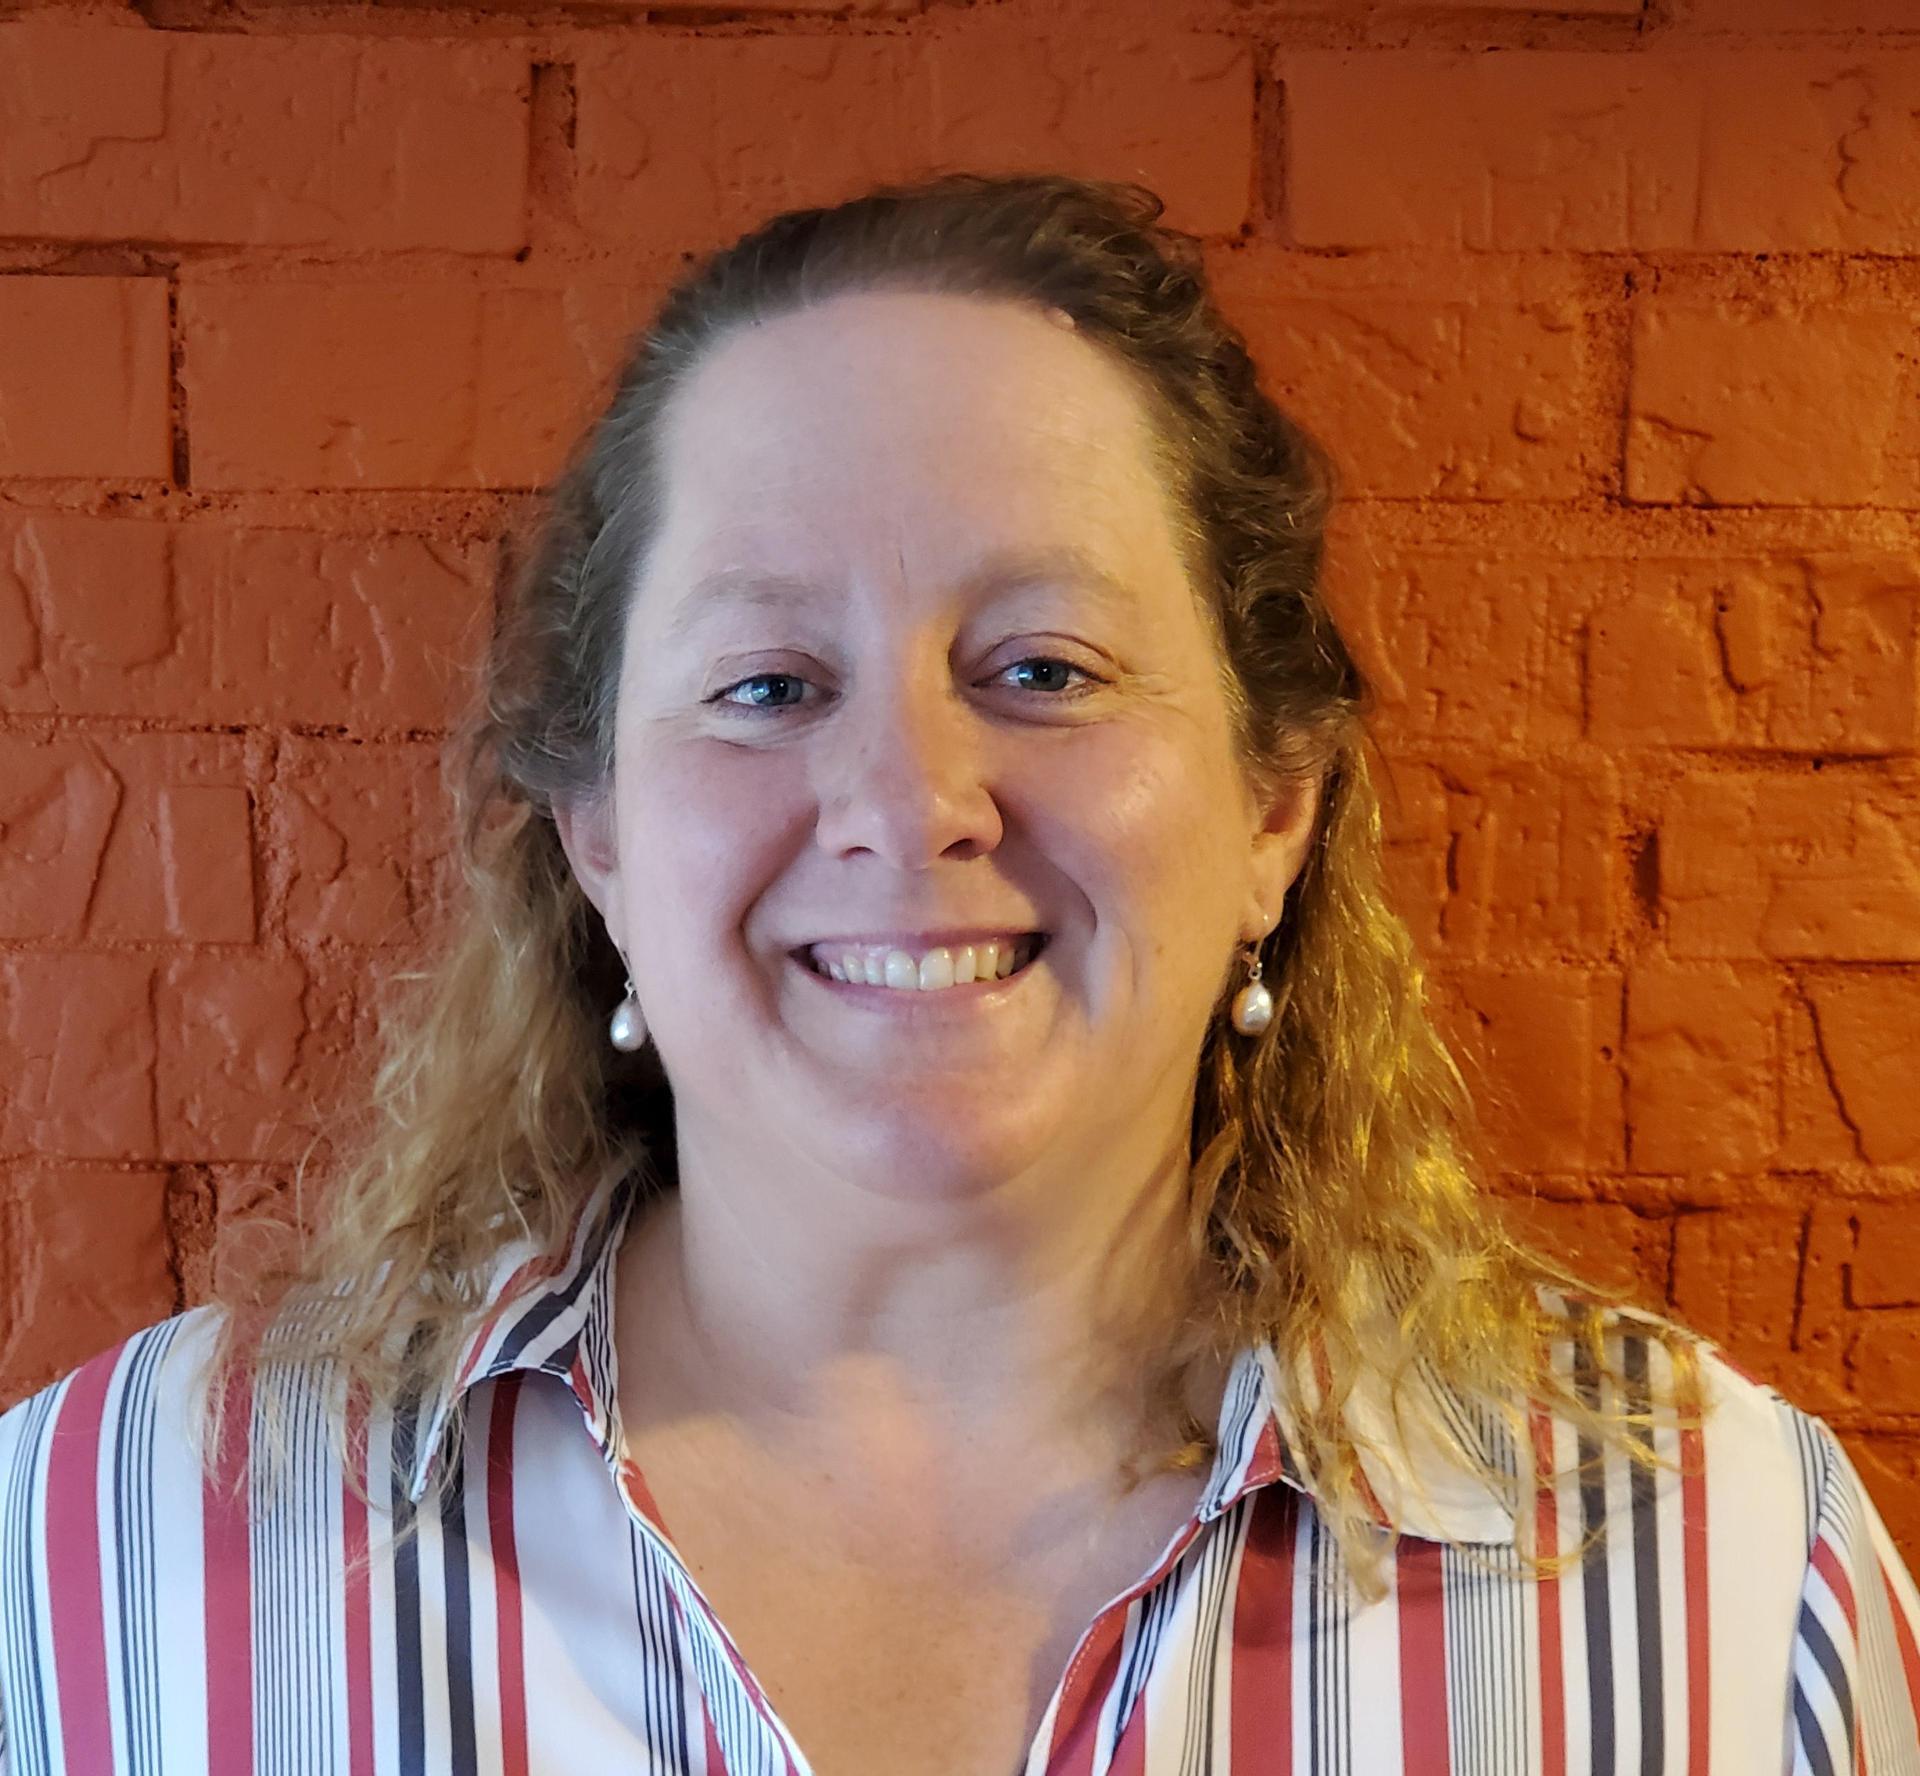 Michelle Becorest